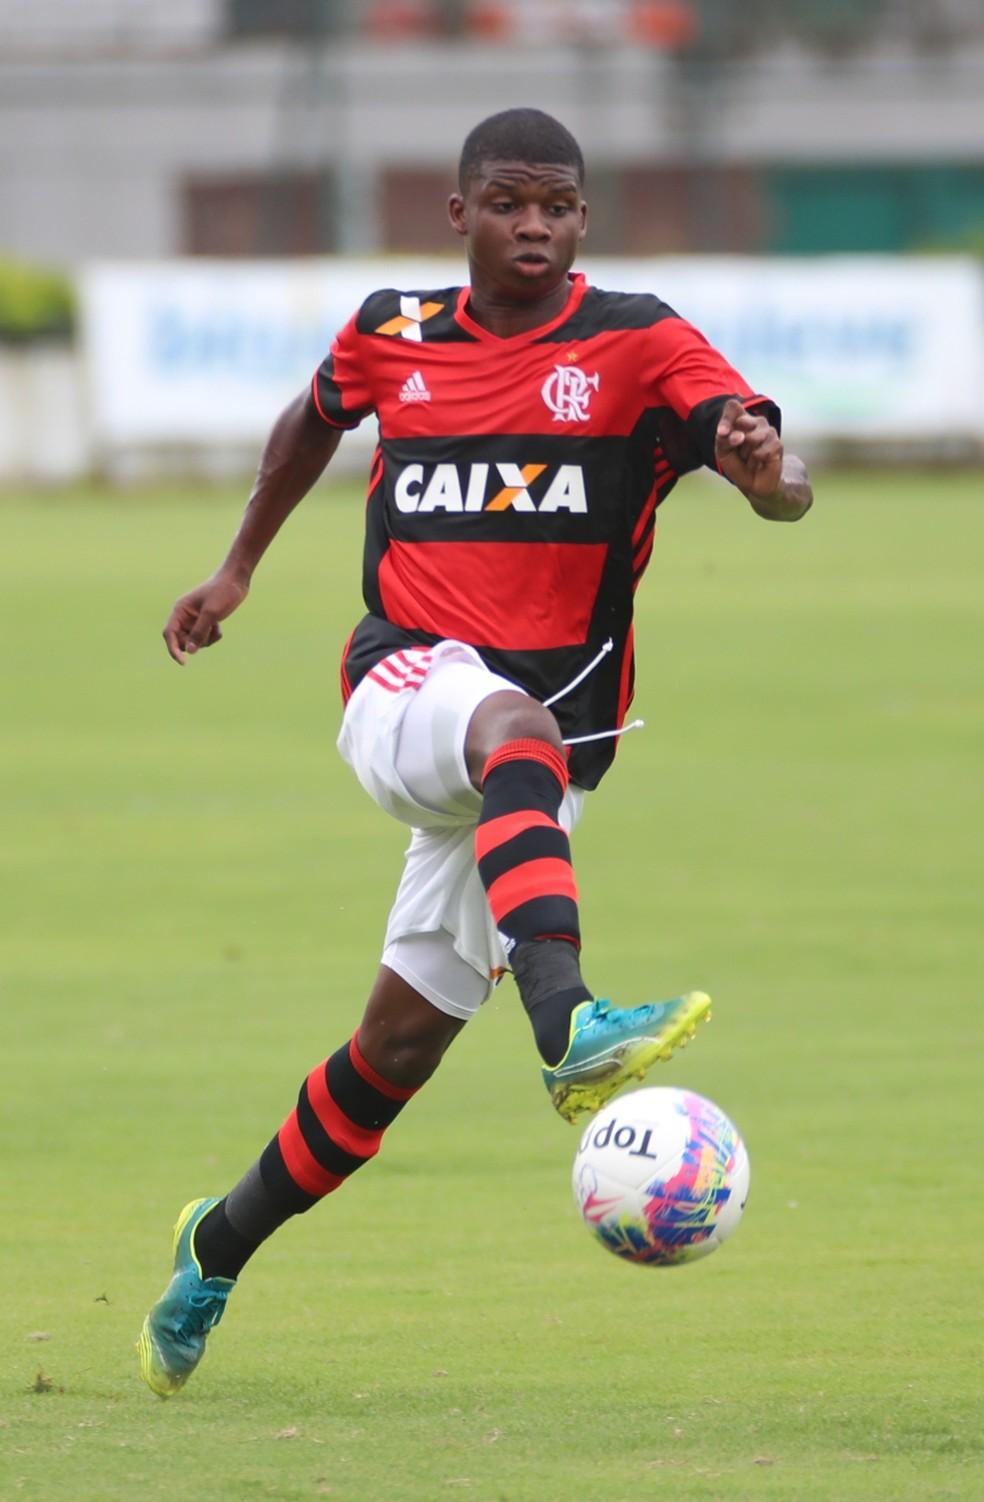 Lincoln ainda em ação pelo sub-17 do Flamengo (Foto: Gilvan de Souza / Flamengo)